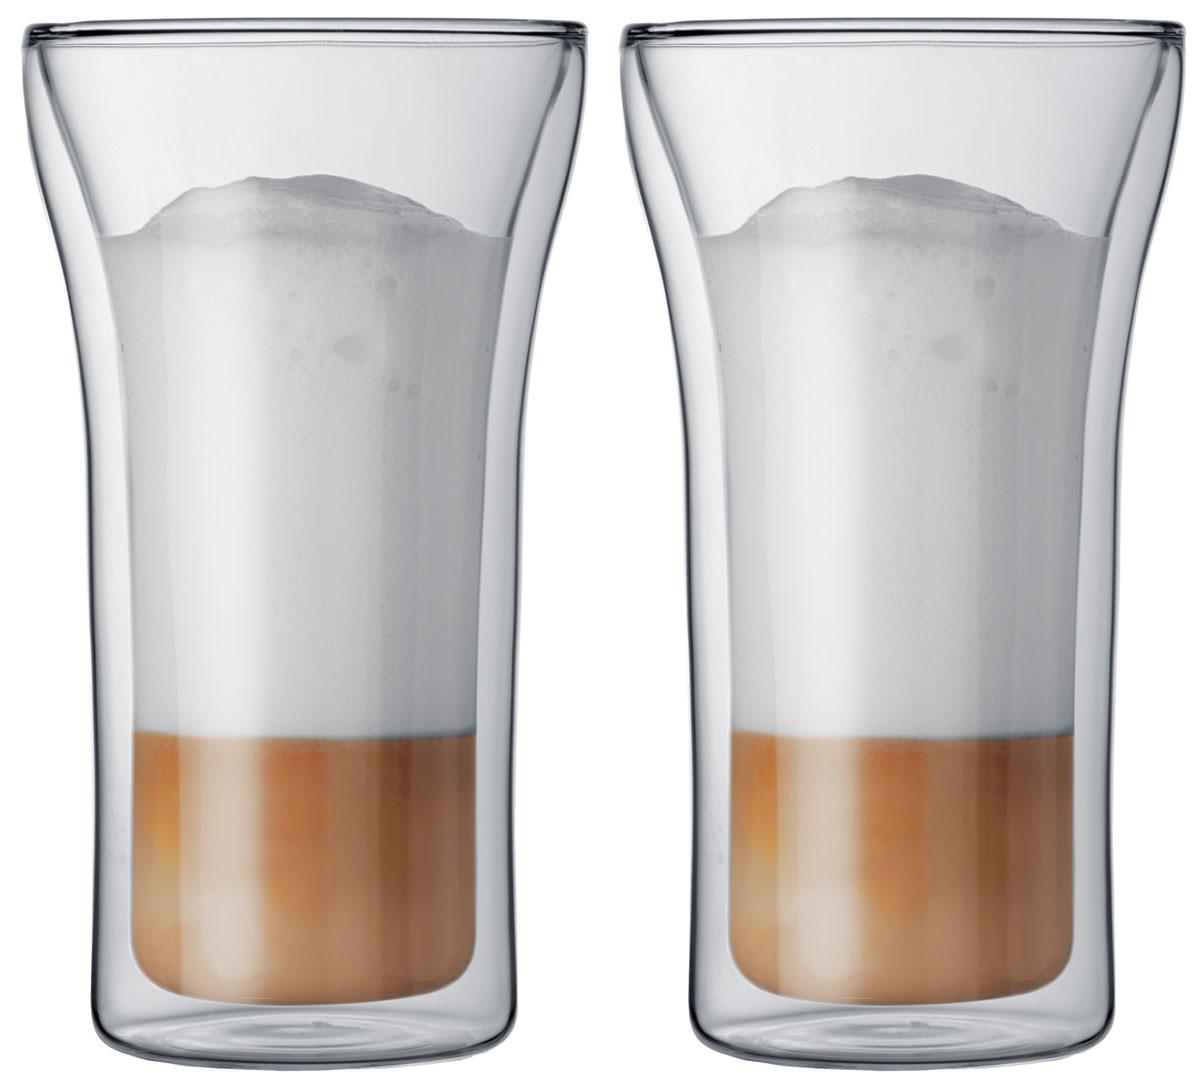 Набор термобокалов Bodum Assam, 400 мл, 2 шт. 4547-104547-10Набор термобокалов Bodum Assam выполнены из двойного боросиликатного стекла, что позволяет не только держать горячие напитки горячими в течение более длительного времени, но он также позволяет холодным напиткам оставаться холодными дольше. Боросиликатное стекло создает впечатление, будто напиток плавает внутри термобокала. Он намного легче, чем стакан из обычного стекла. Еще одна приятная особенность - отсутствие конденсата, что препятствует возникновению грязных следов от бокала. Термобокалы можно использовать в микроволновой печи и мыть в посудомоечной машине. Боросиликатное стекло выдерживает температуры от -30°C до +520°C.